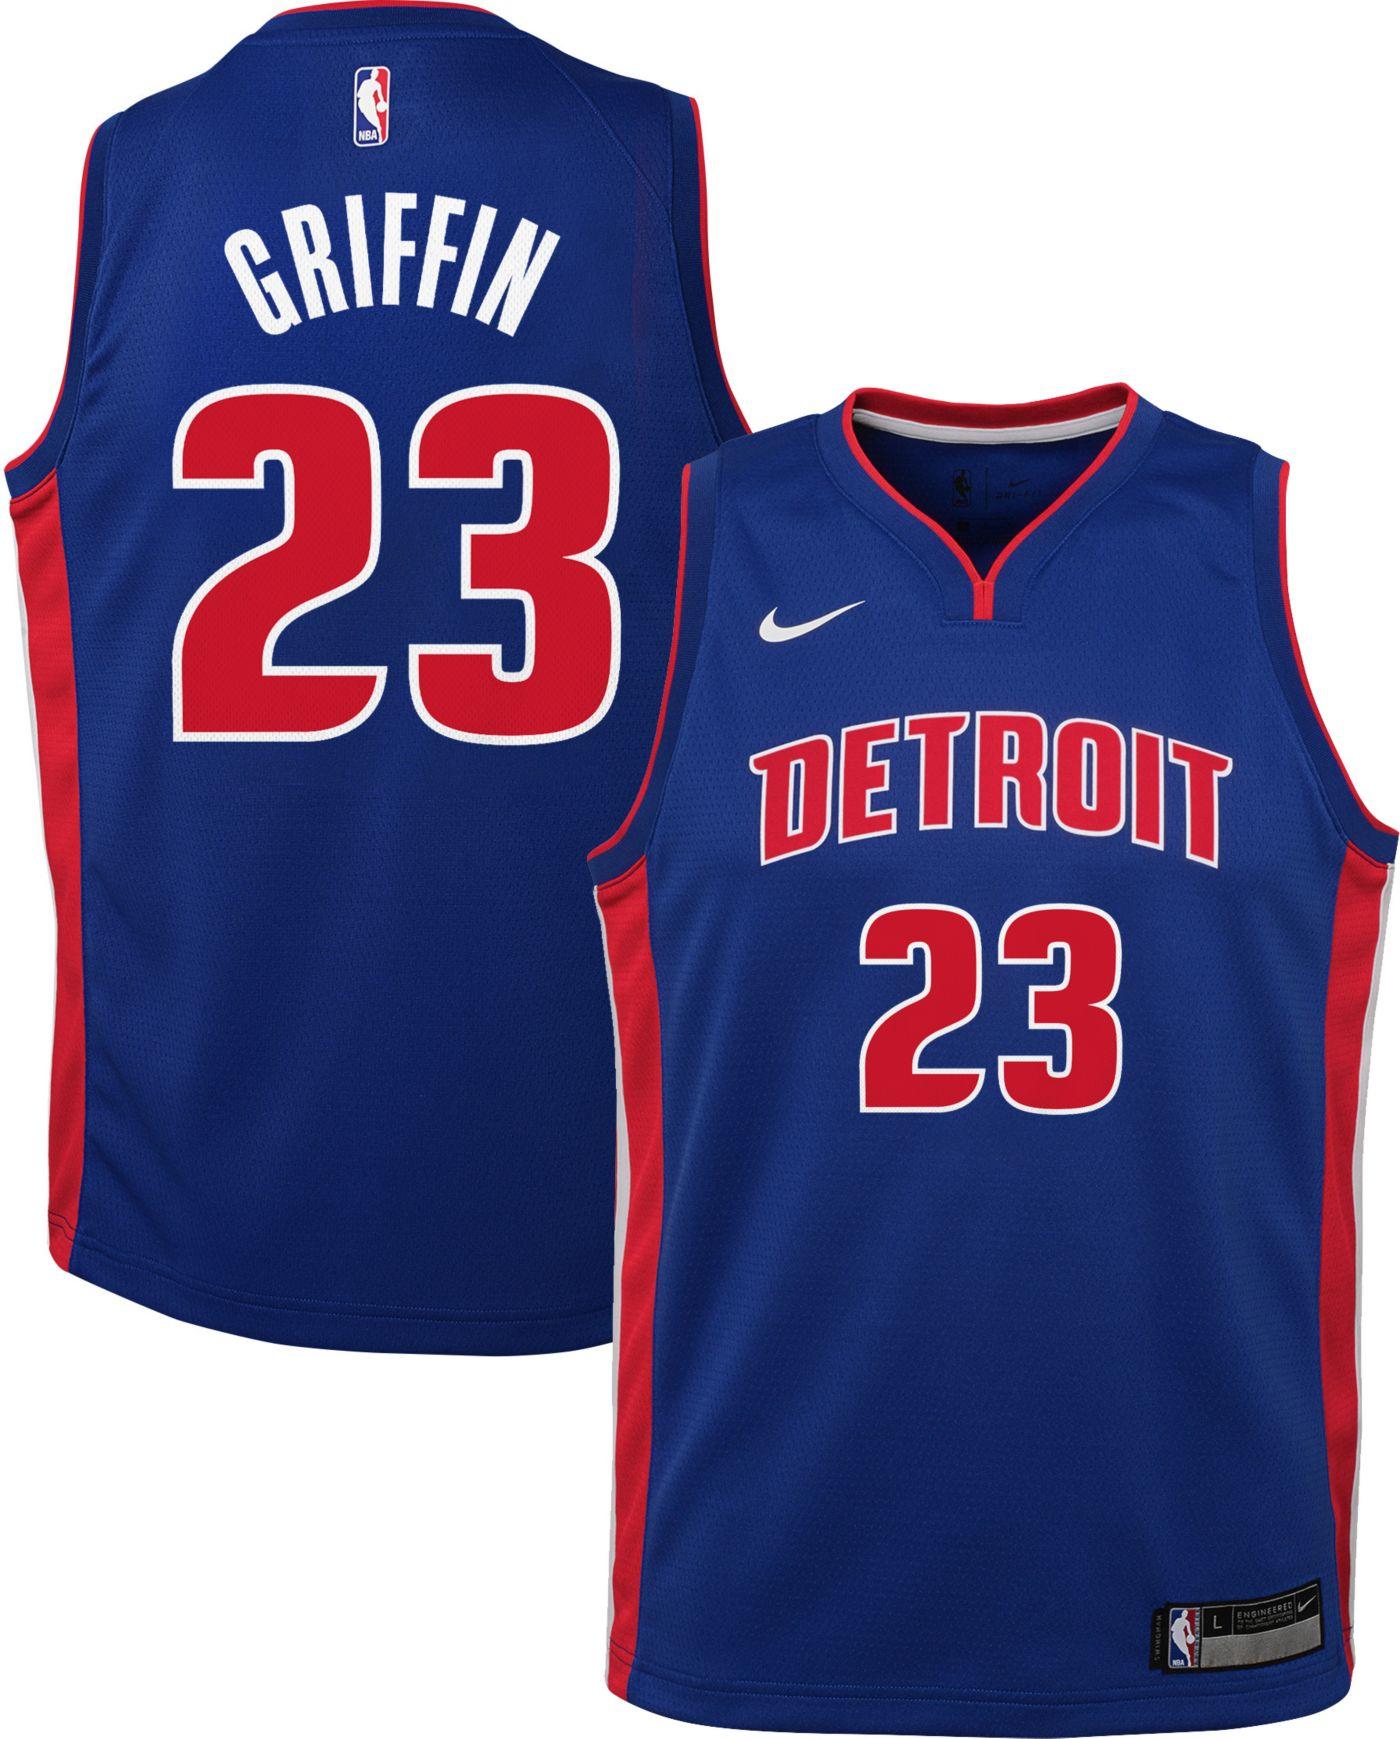 Nike Youth Detroit Pistons Blake Griffin #23 Royal Dri-FIT Swingman Jersey